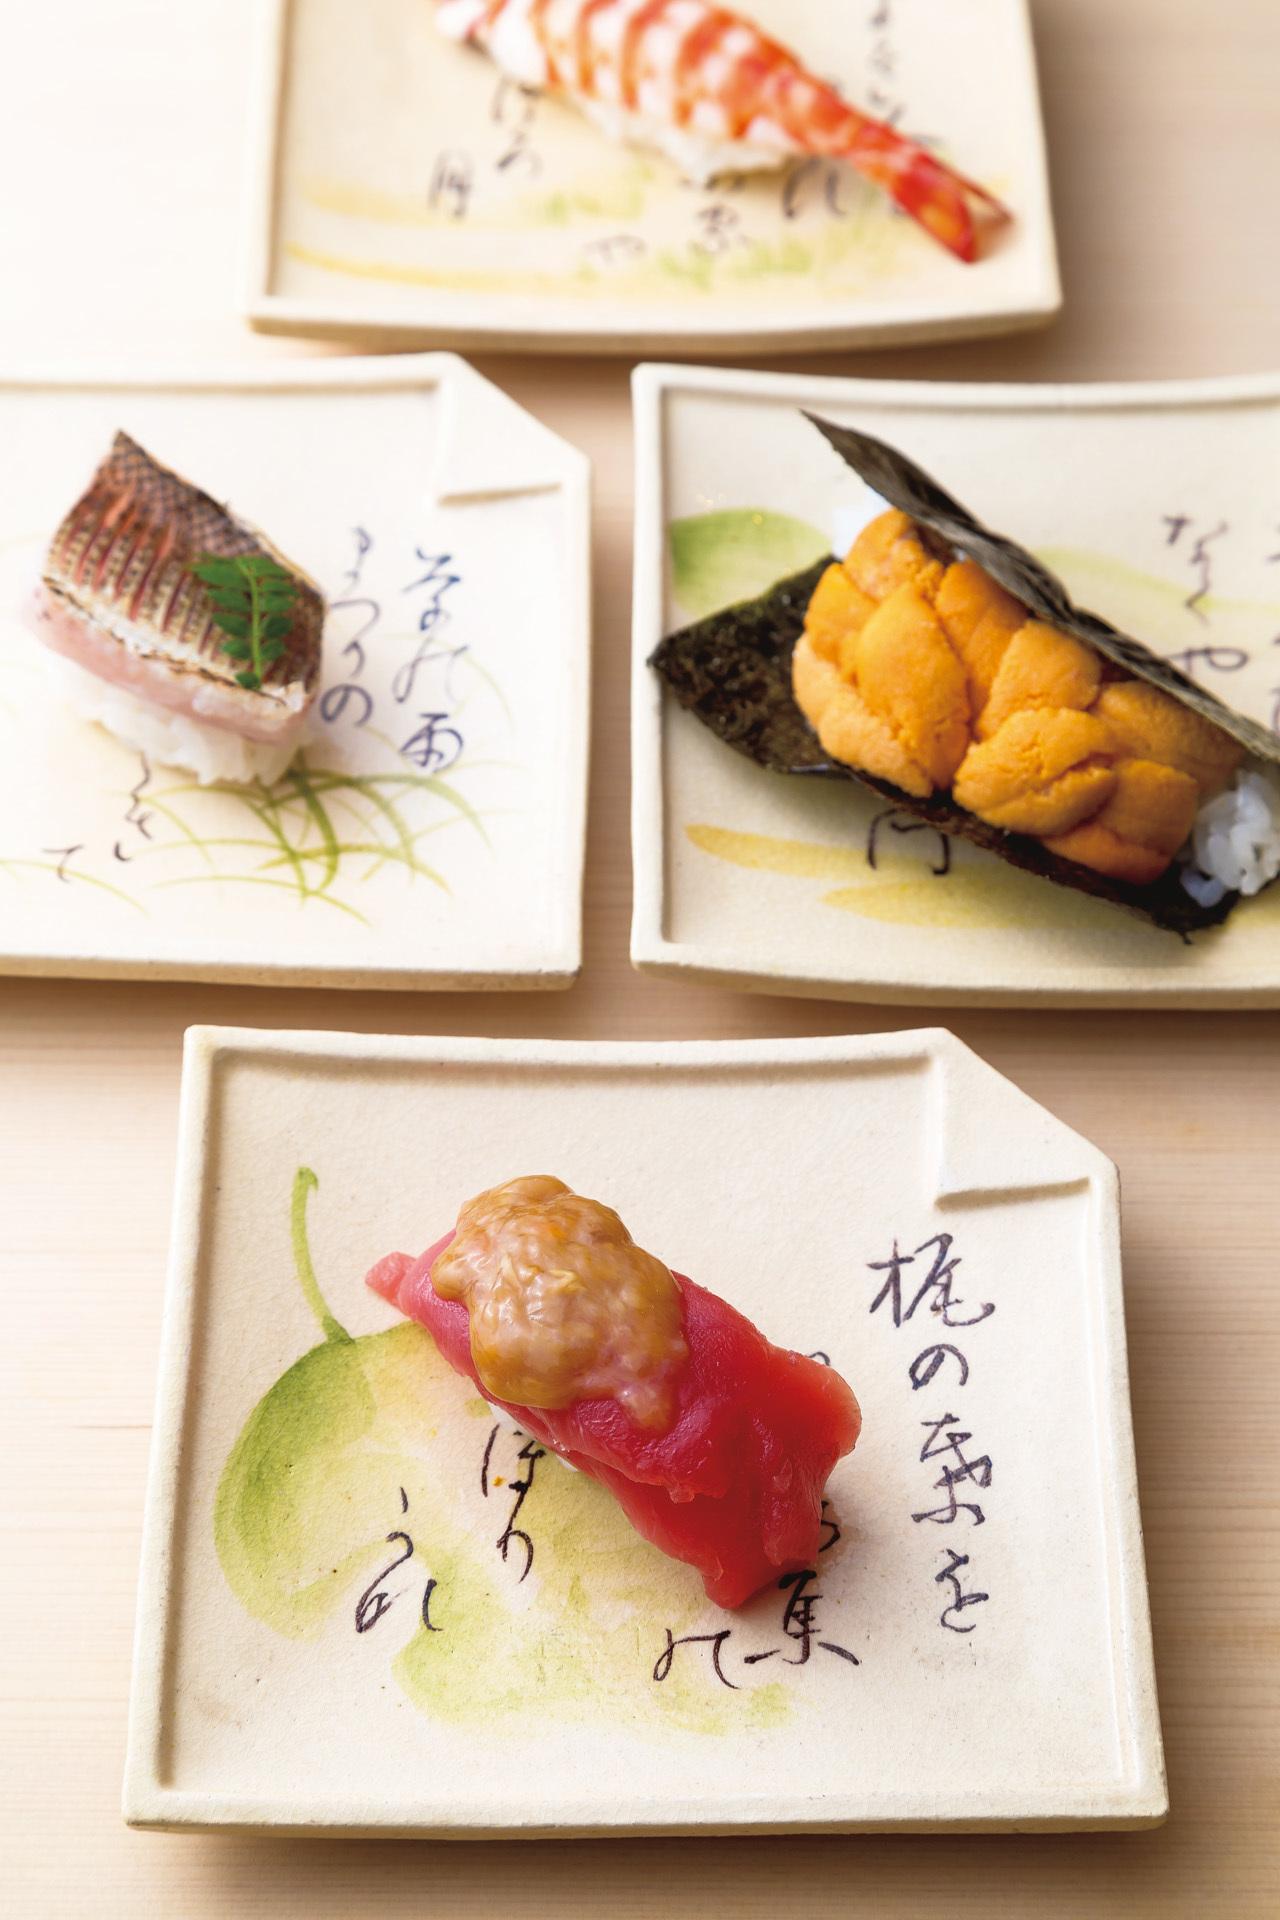 茶懐石から寿司まで 密度の高い和食を味わう 富小路 やま岸_1_3-2